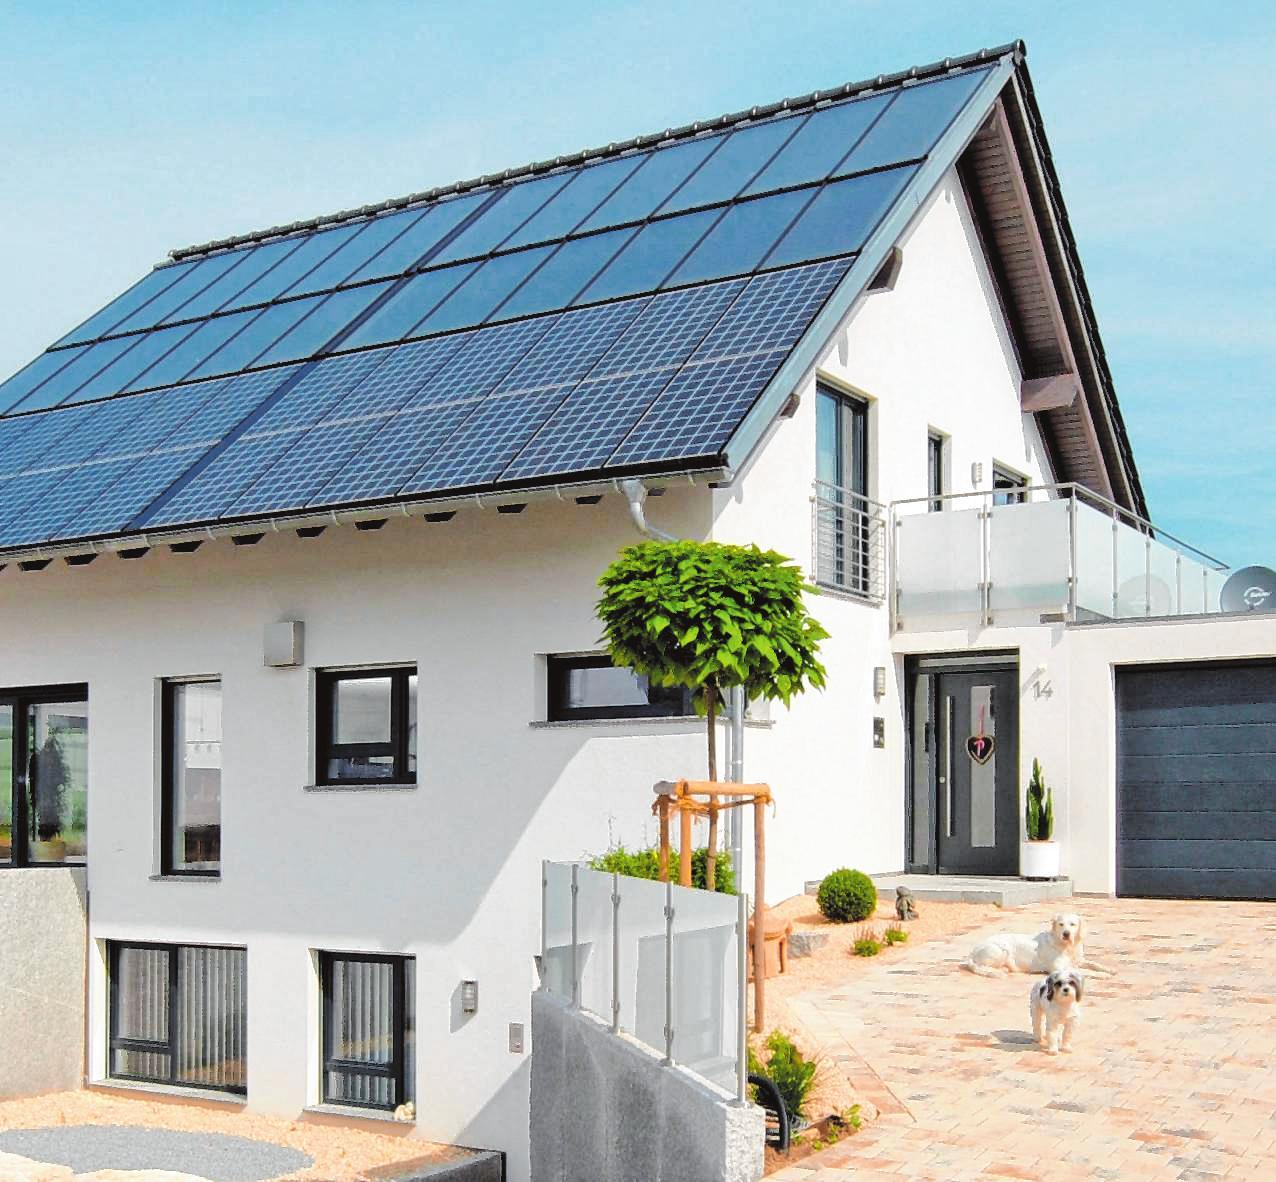 Werthaltiges Zuhause Image 1